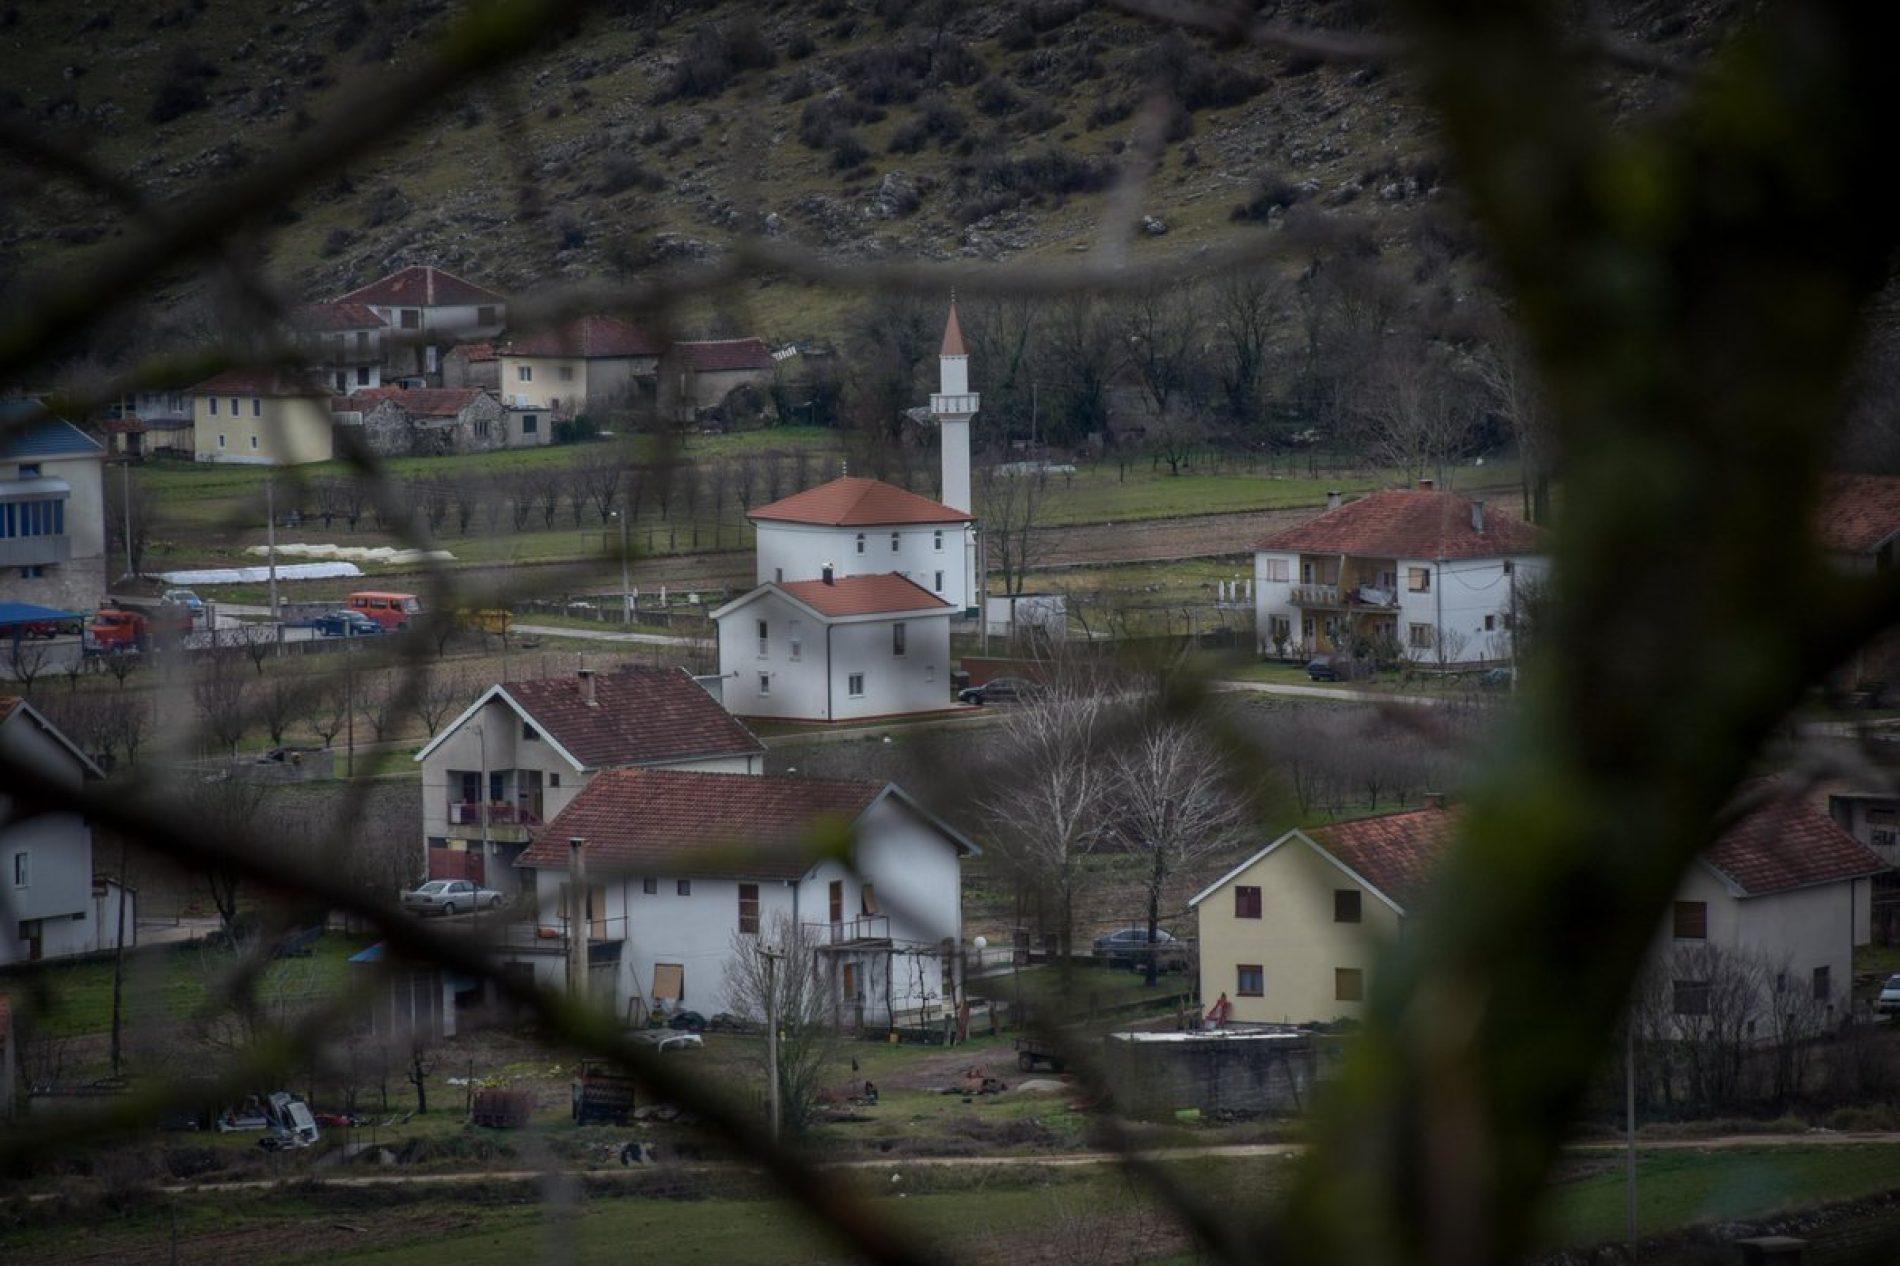 Burna historija jedine džamije u Ljubinju: Više puta rušena i izmještana, ali opstala